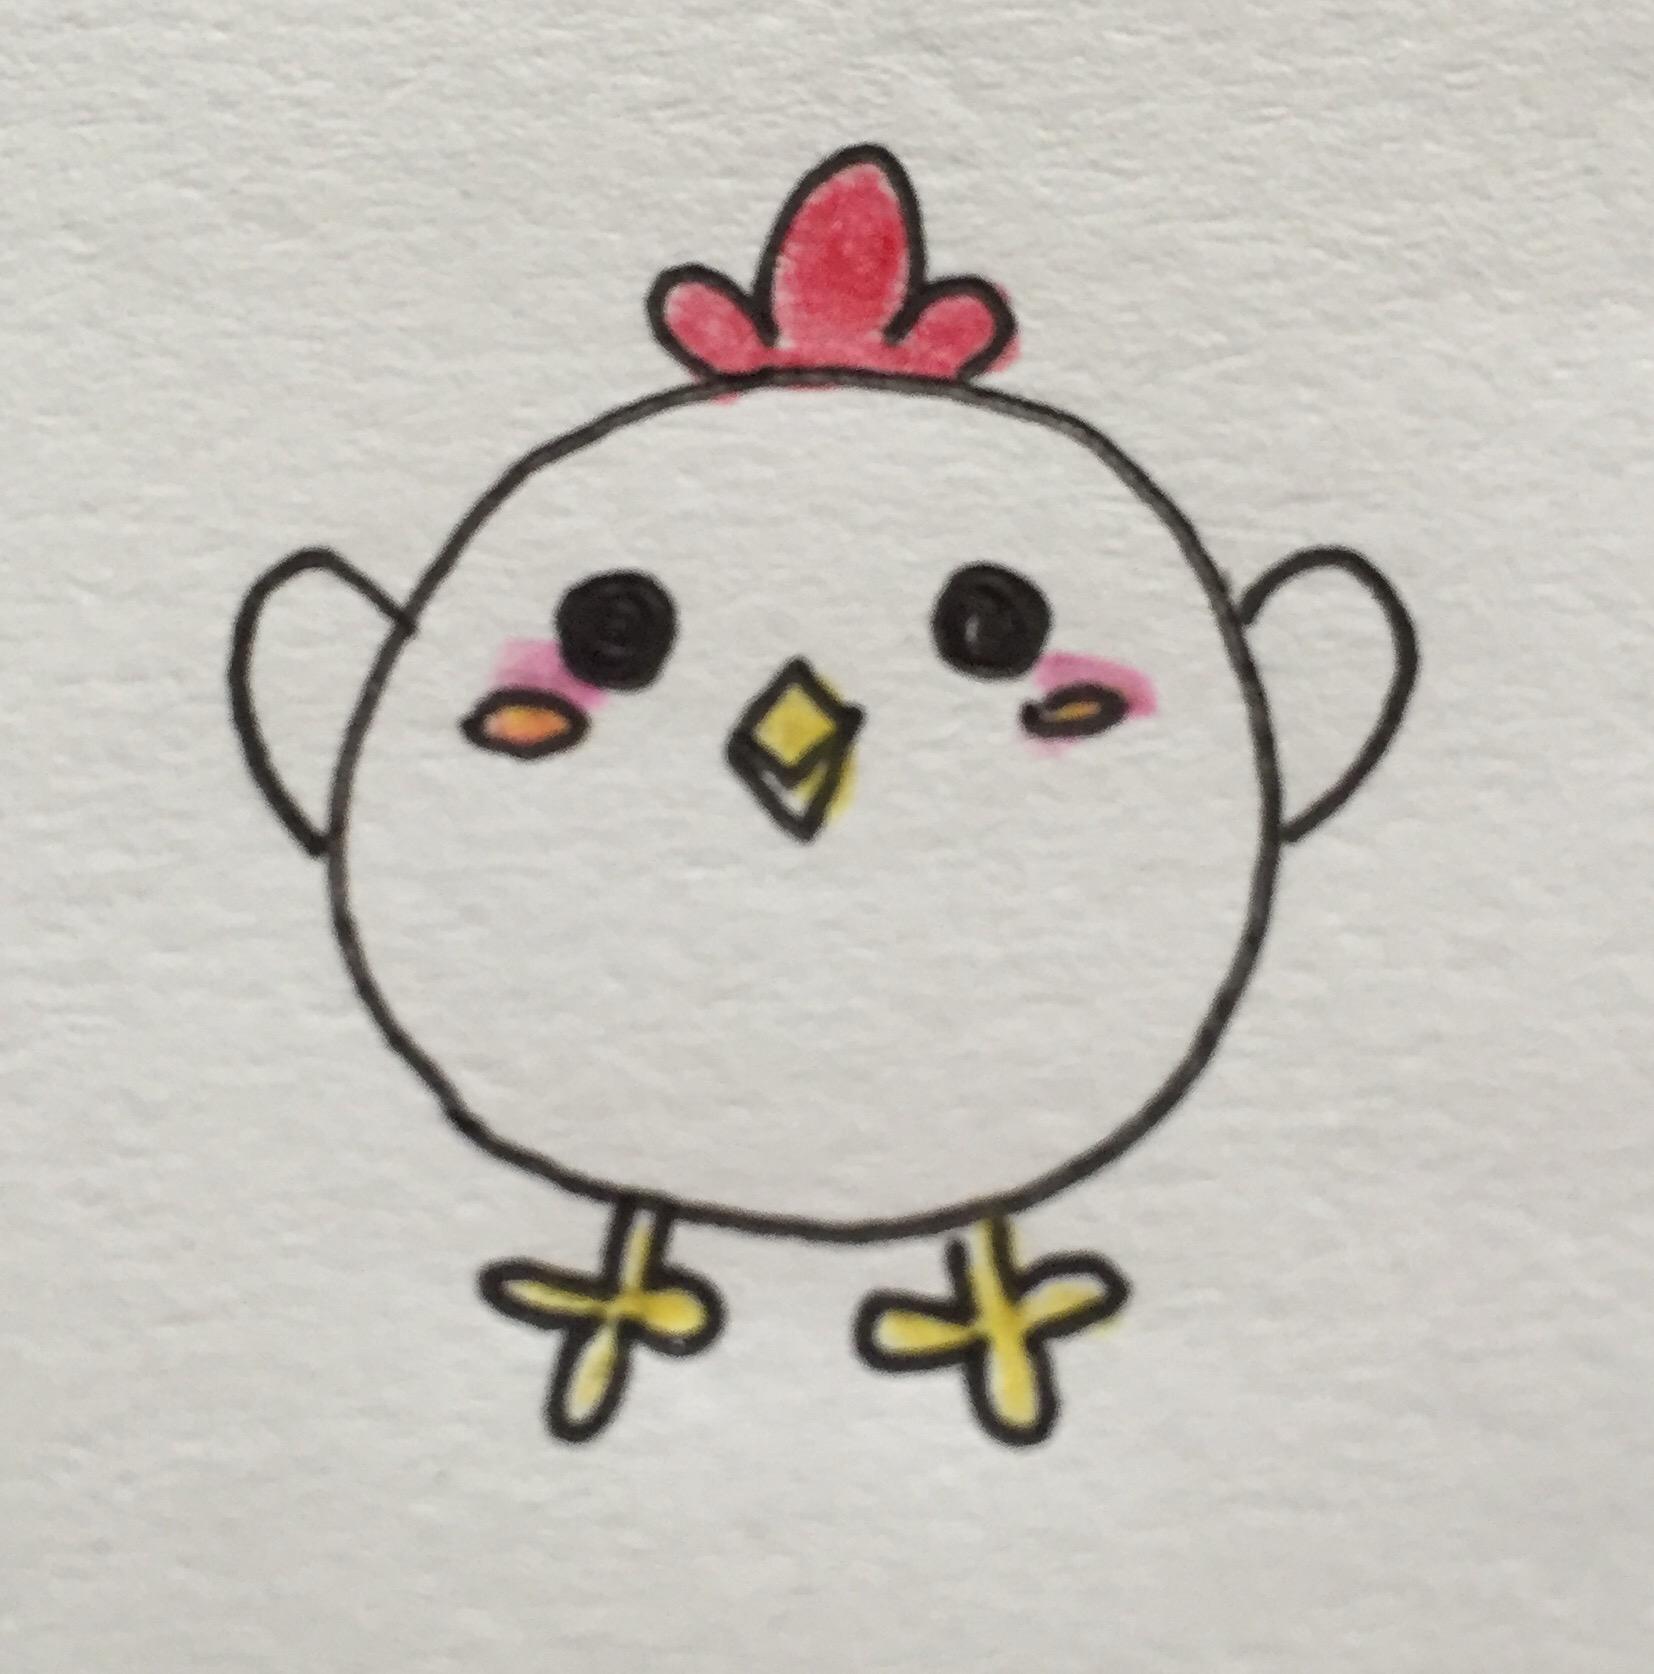 年賀状2017・酉(鳥)の可愛いイラストの描き方を調査!簡単に描く方法は